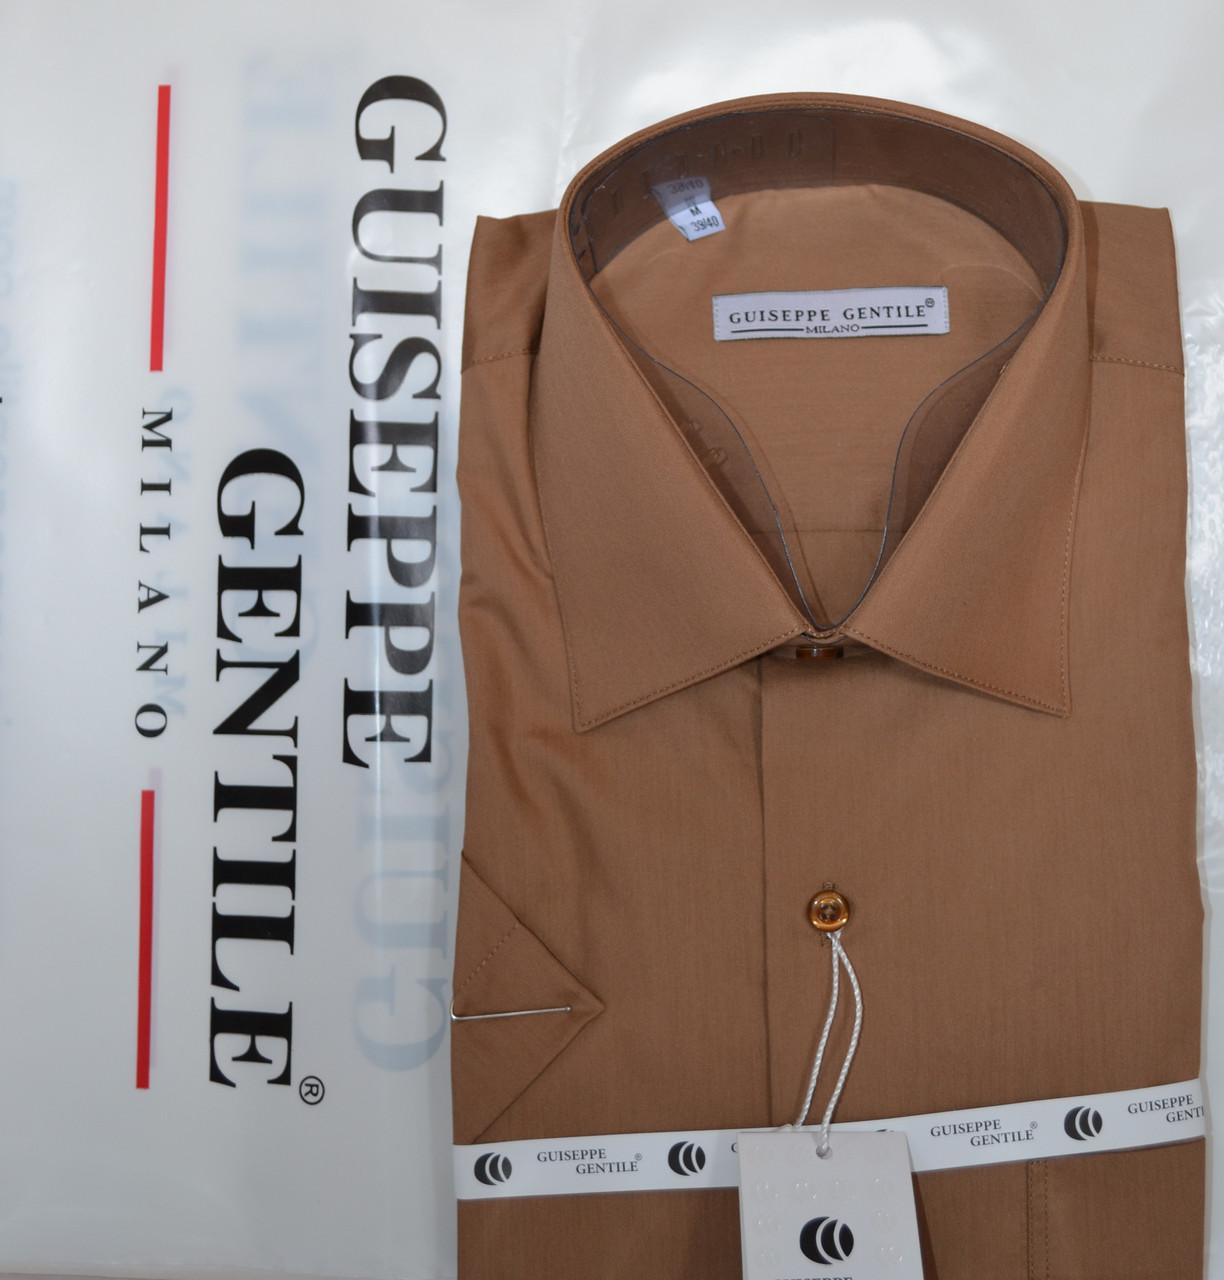 КОРИЧНЕВАЯ  рубашка с коротким рукавом  ТУРЦИЯ Guiseppe Gentile размеры (M.L)